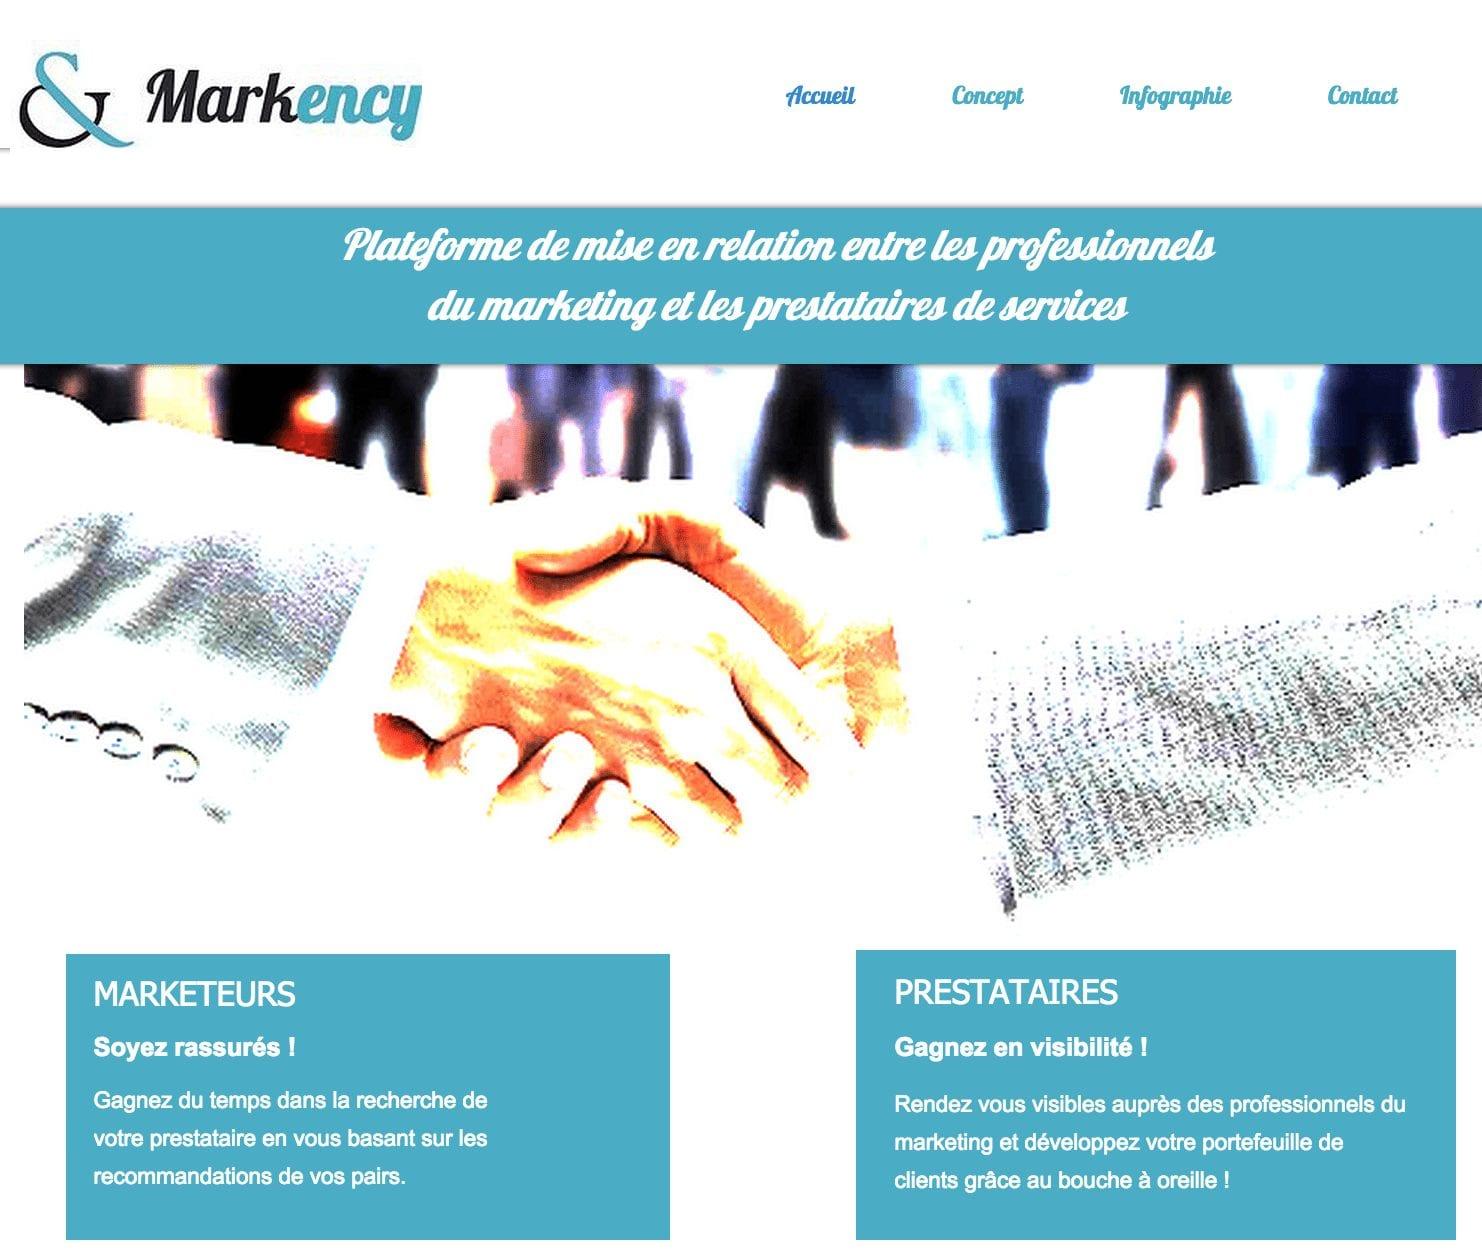 Markency B2B